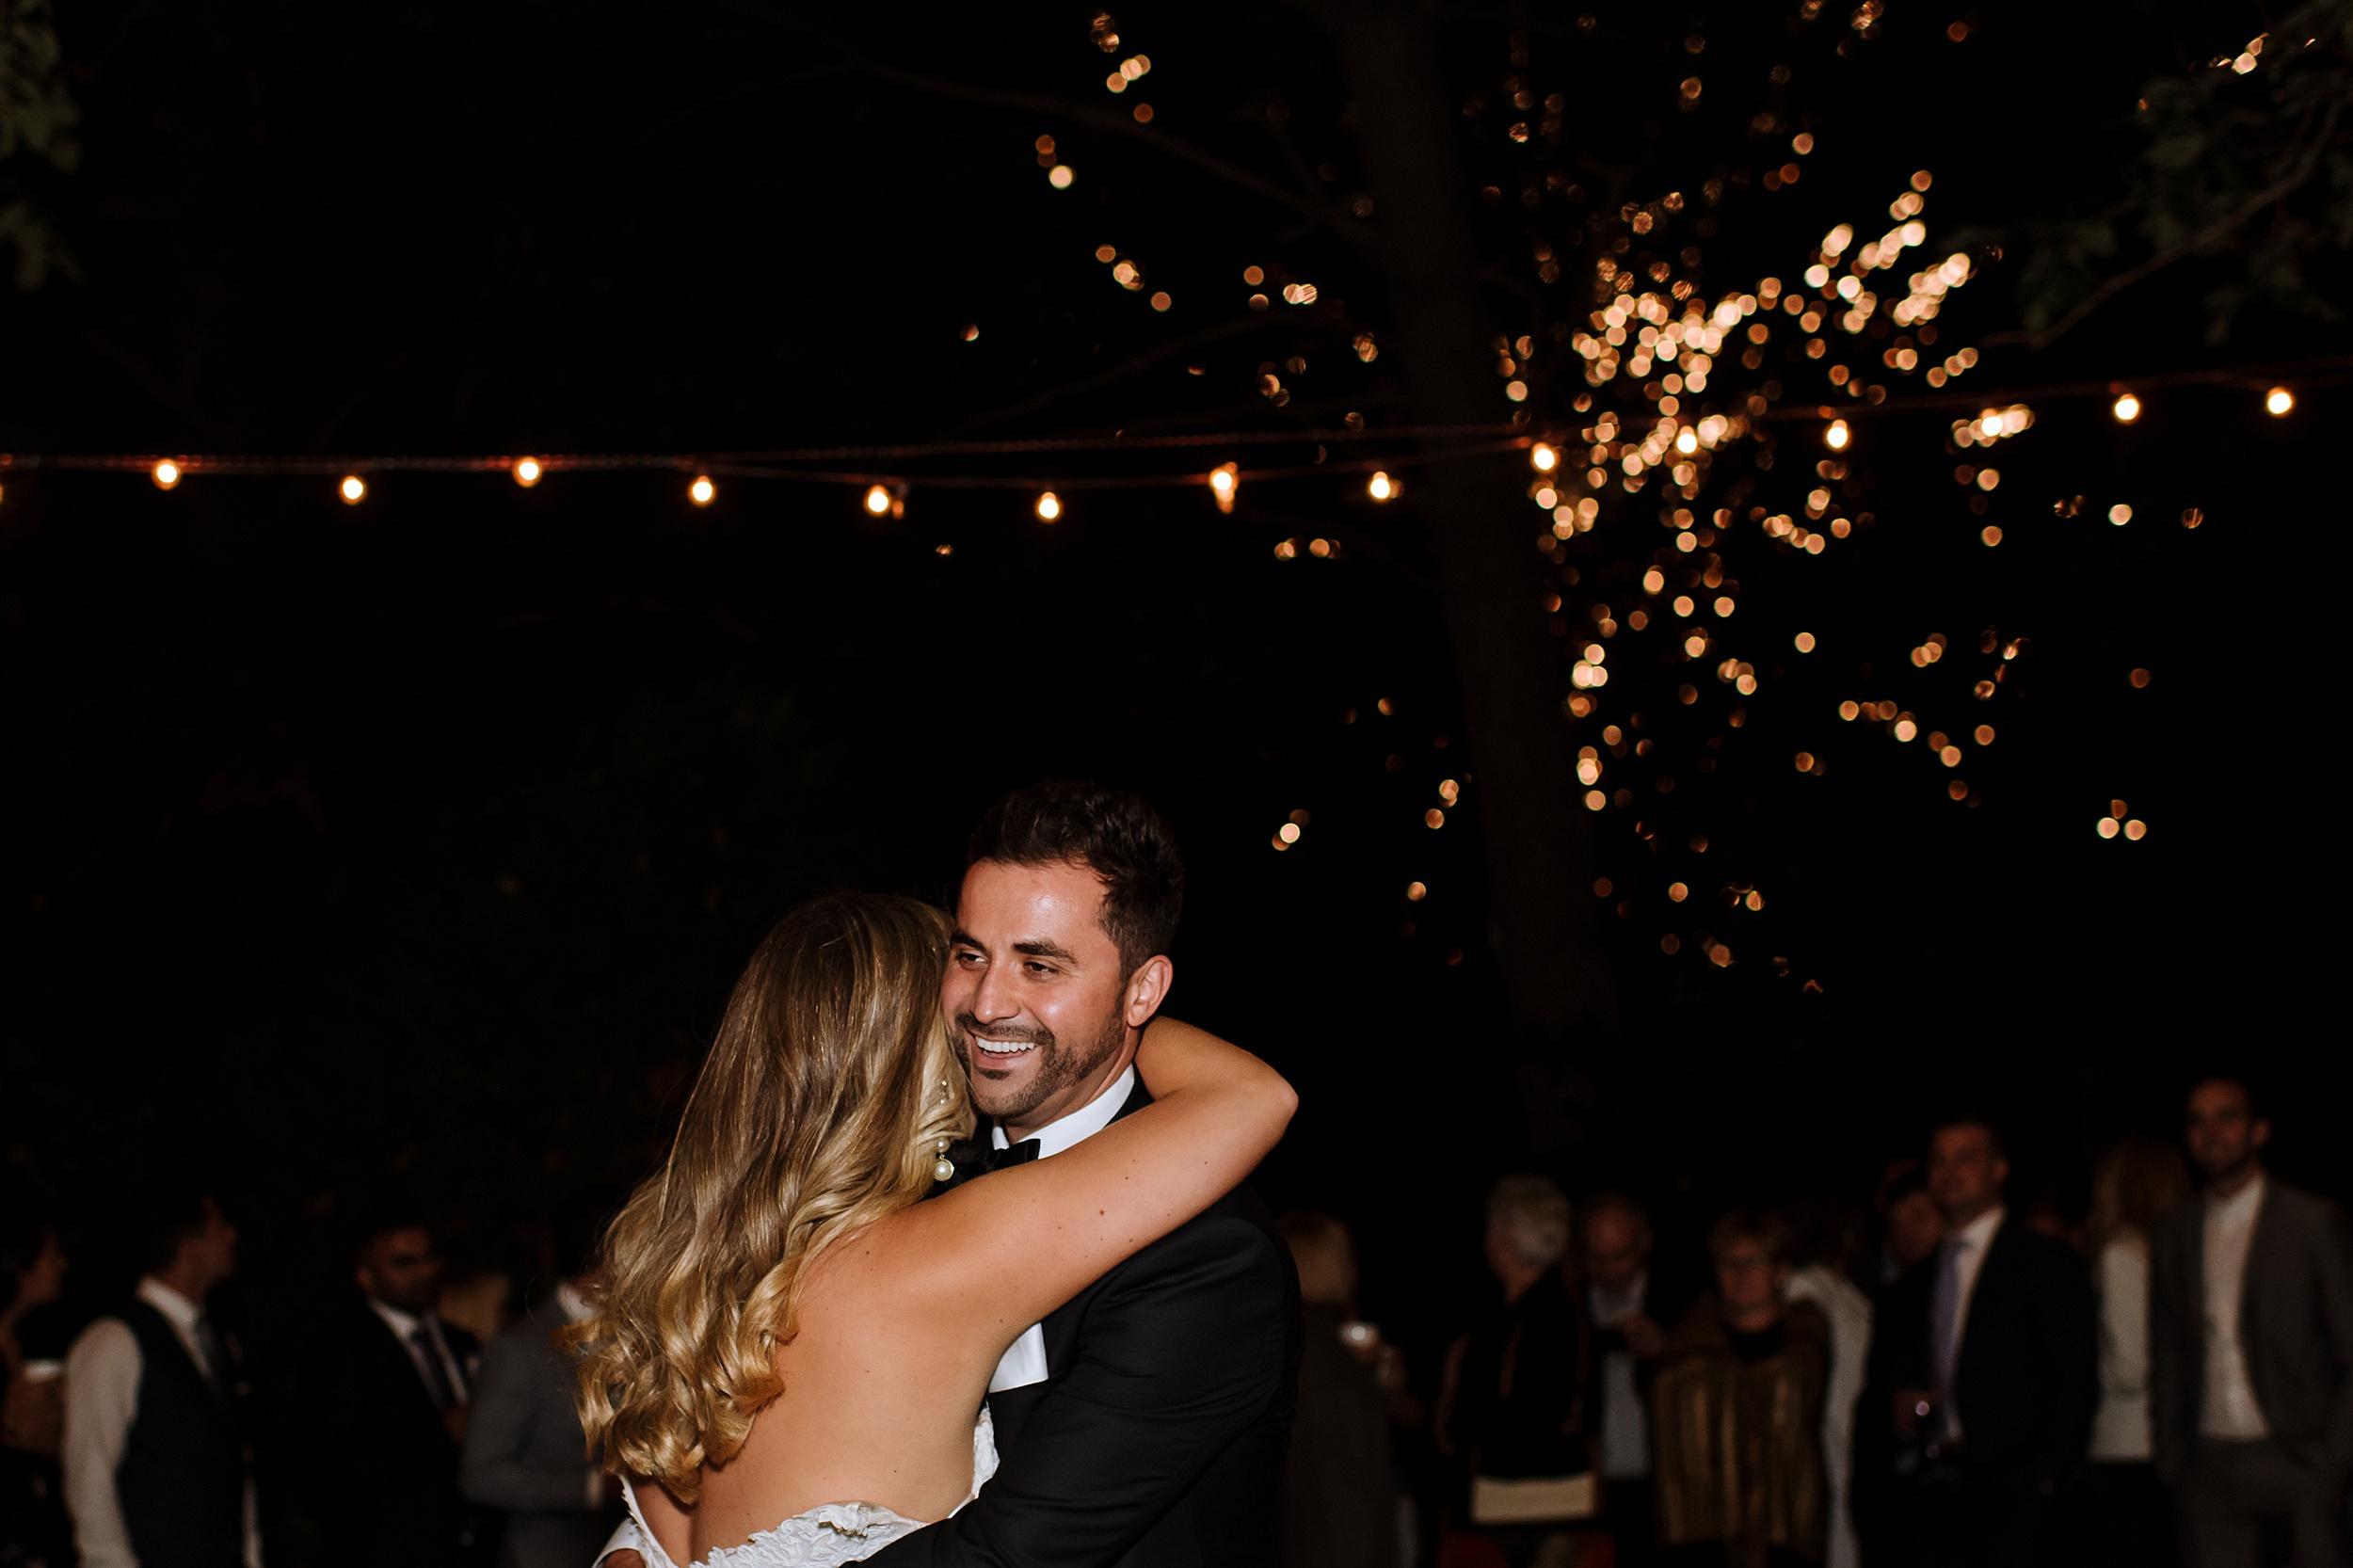 Rustic_Backyard_Wedding_Toronto_Photographer170.jpg